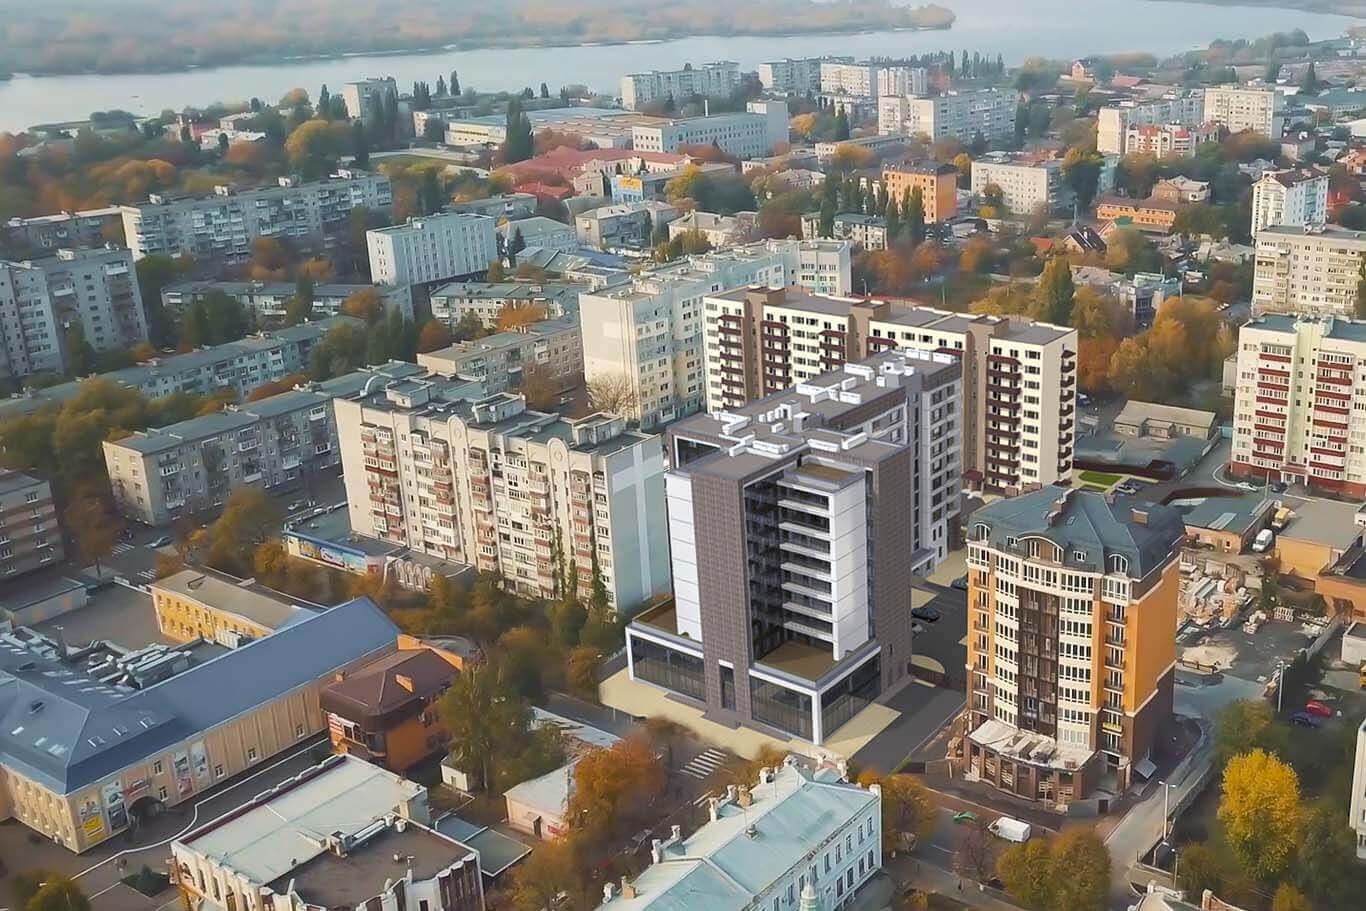 Кременчуг 2019 город Украина день фото скачать бесплатно  онлайн в хорошем качестве